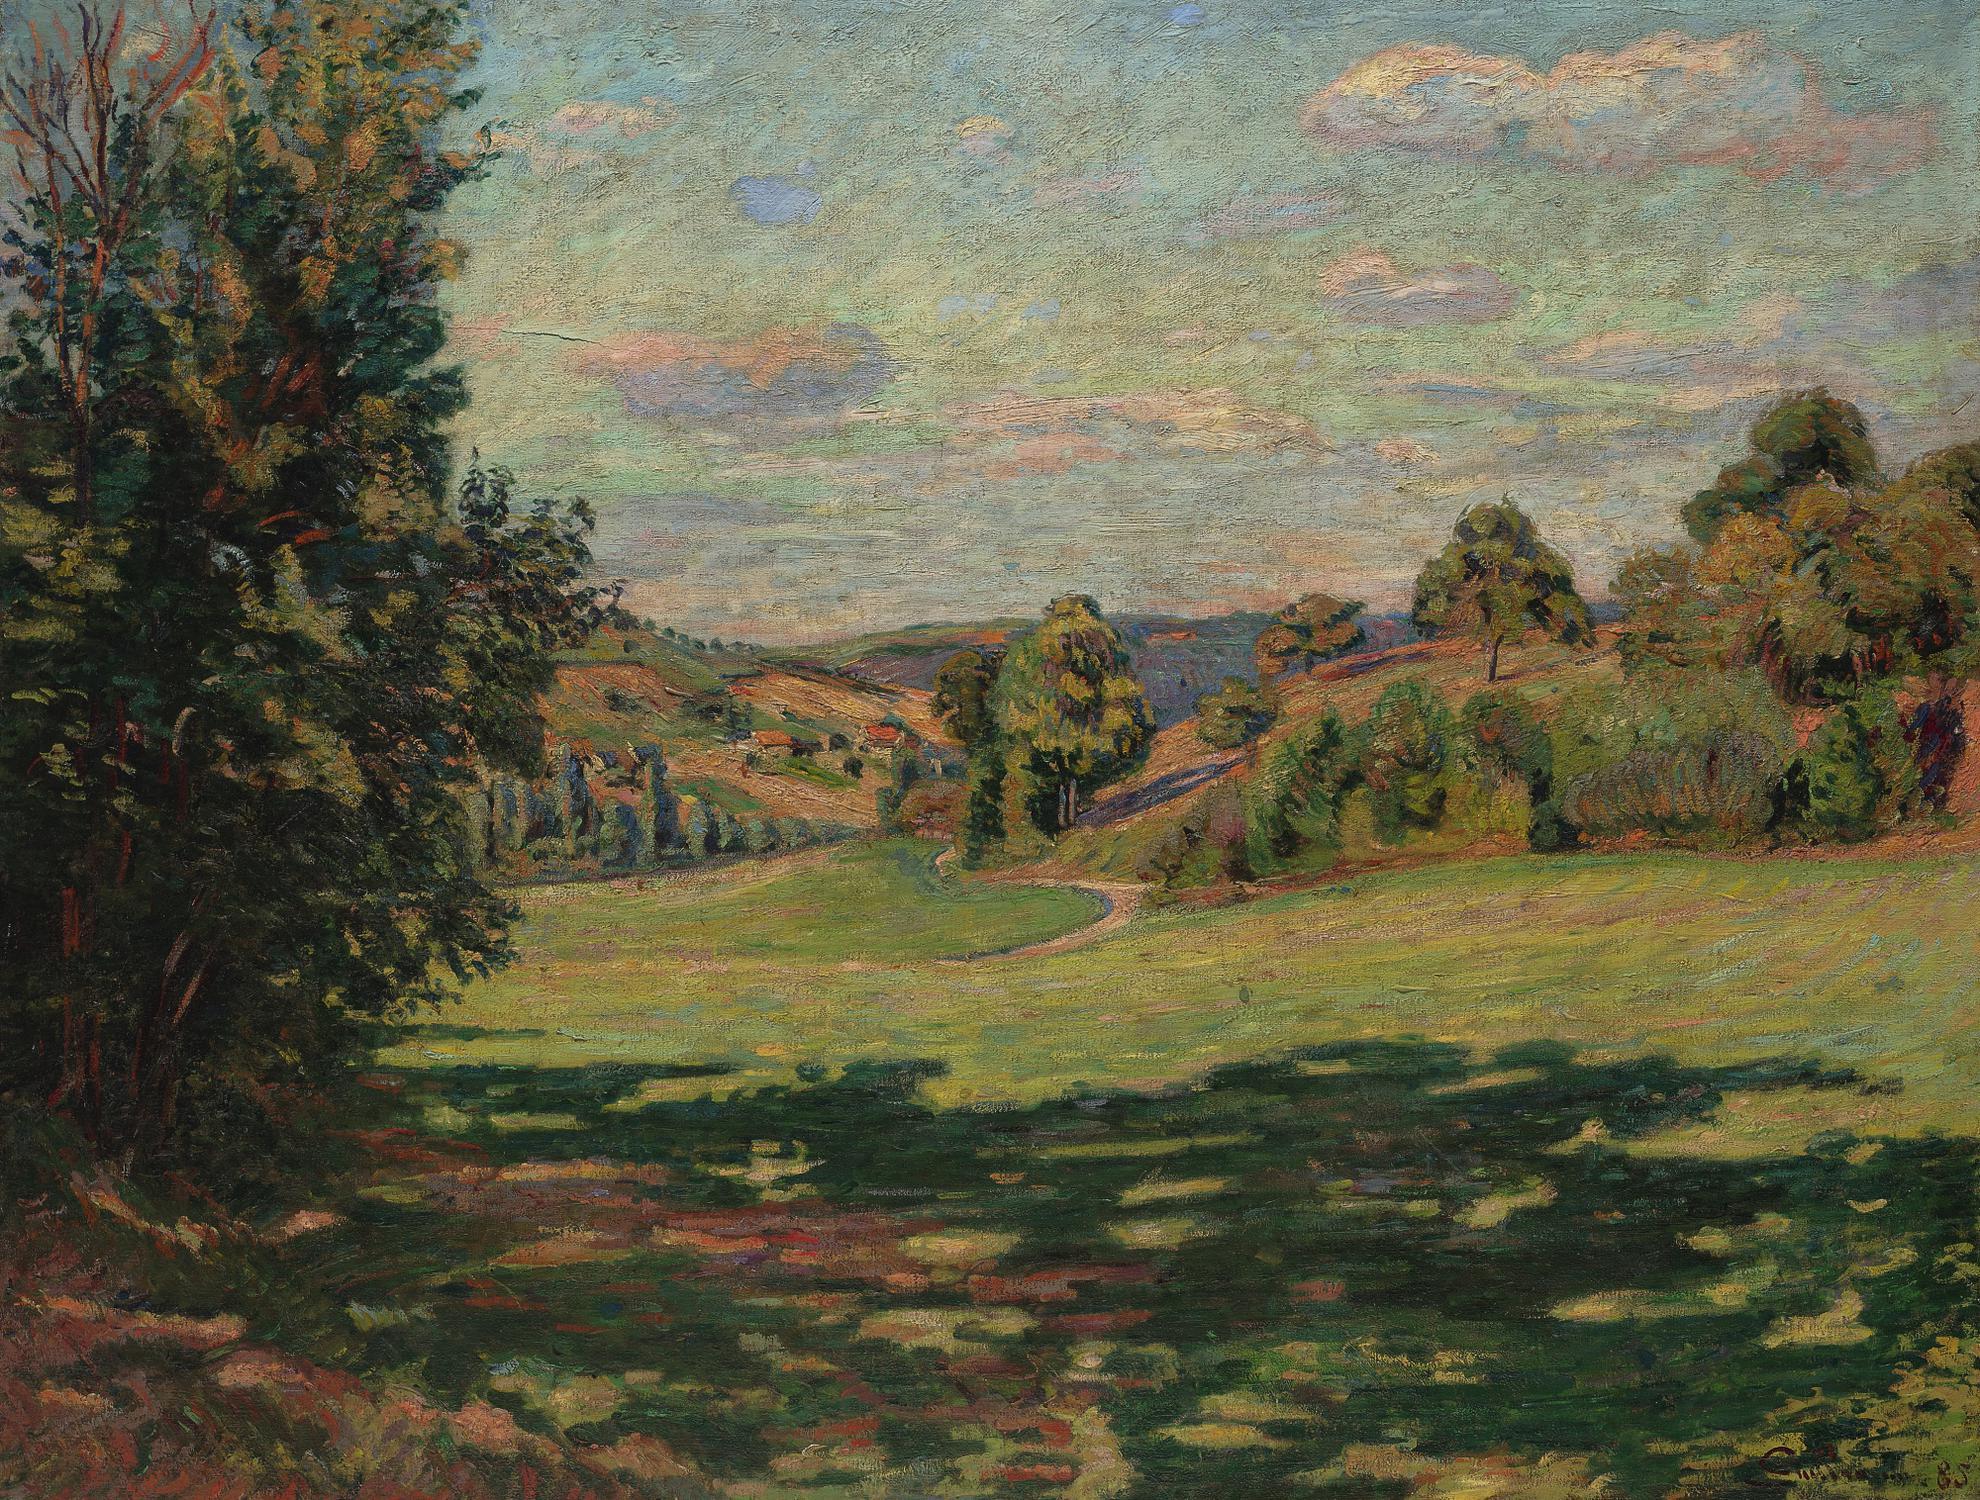 Jean-Baptiste Armand Guillaumin-Village Sur Le Coteau Vallee De Chevreuse-1885